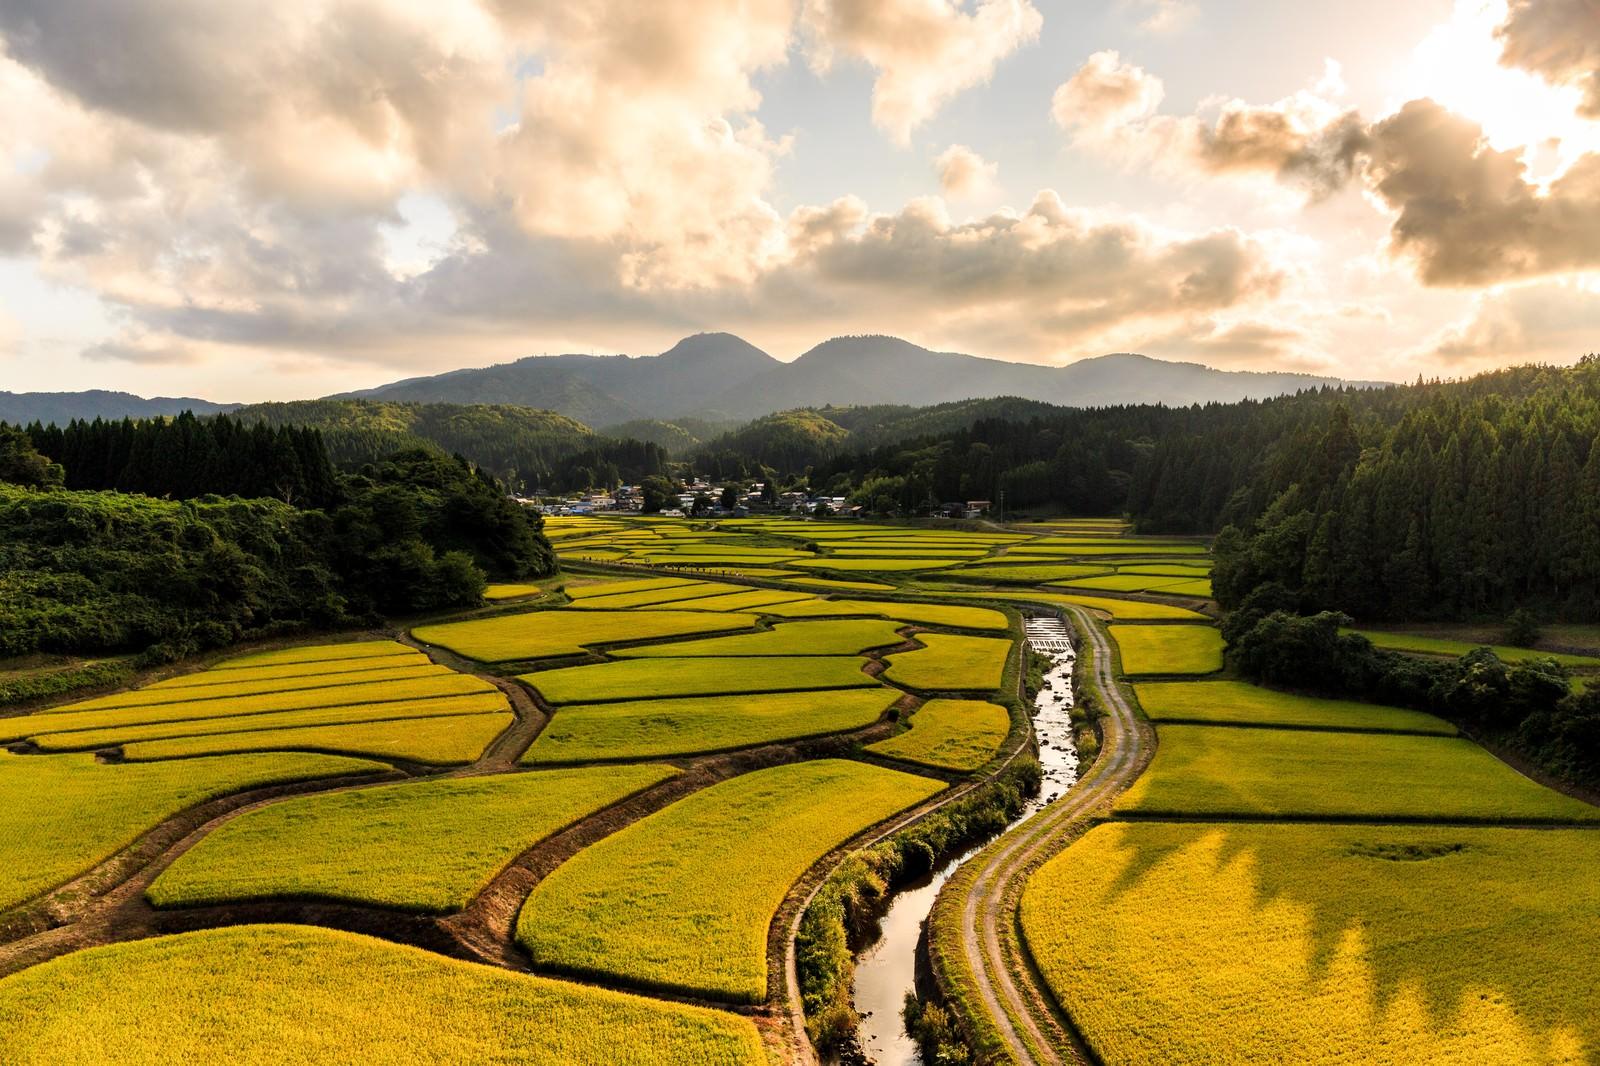 「地形に沿った田んぼがパズルのように美しい地形に沿った田んぼがパズルのように美しい」のフリー写真素材を拡大